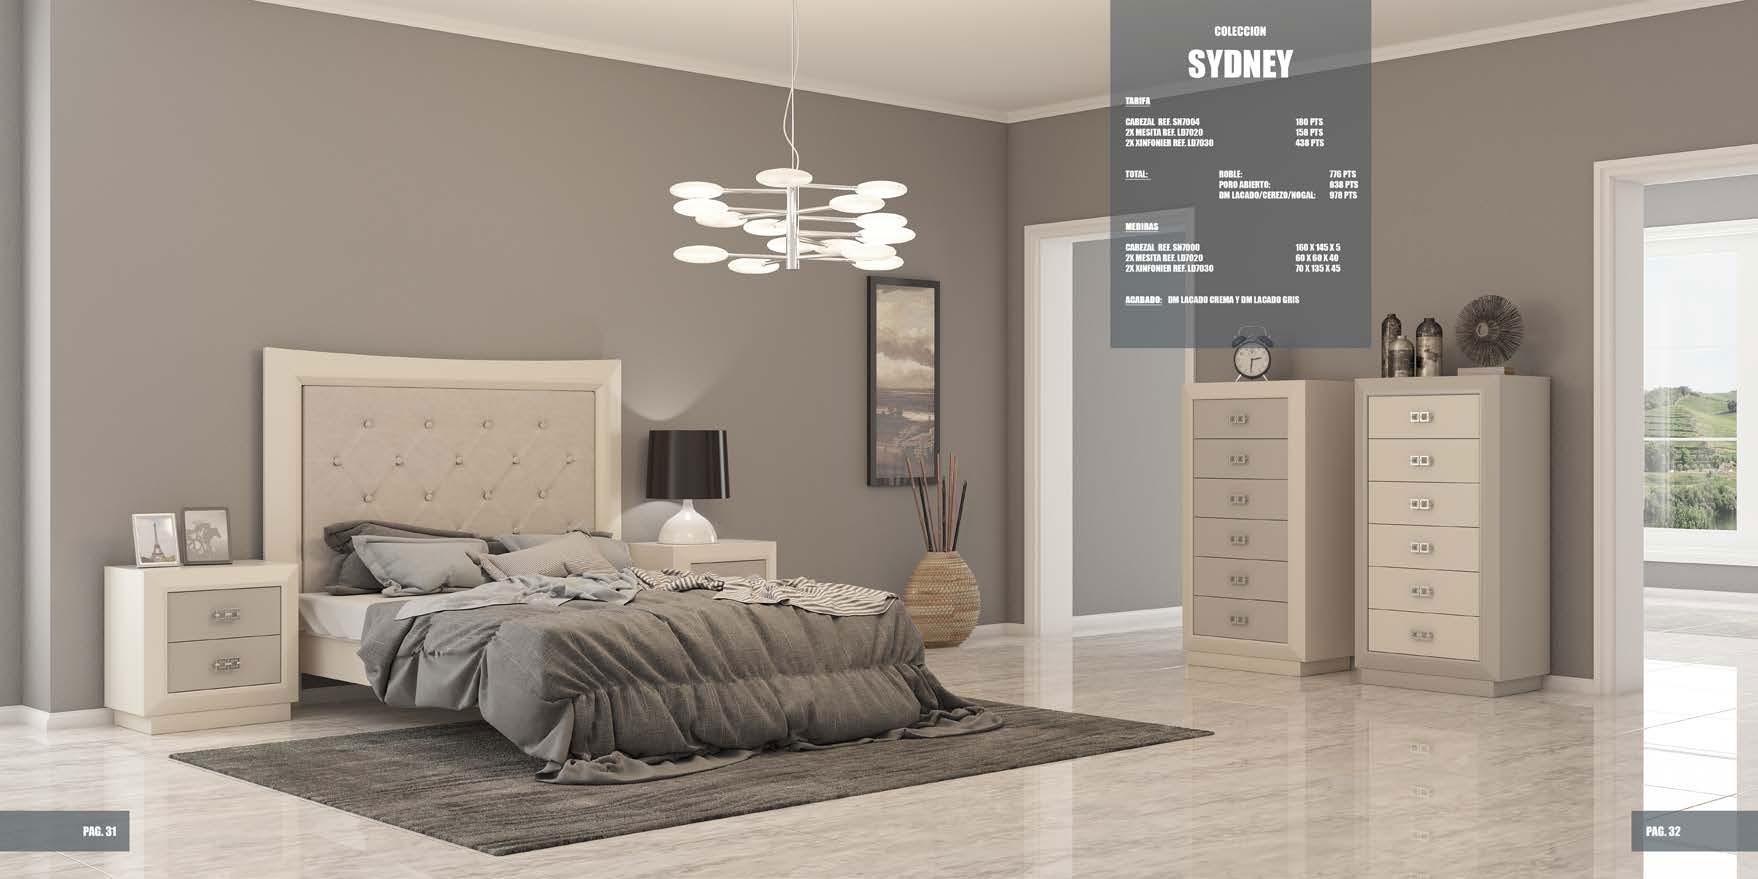 sydney-dormitorio-03